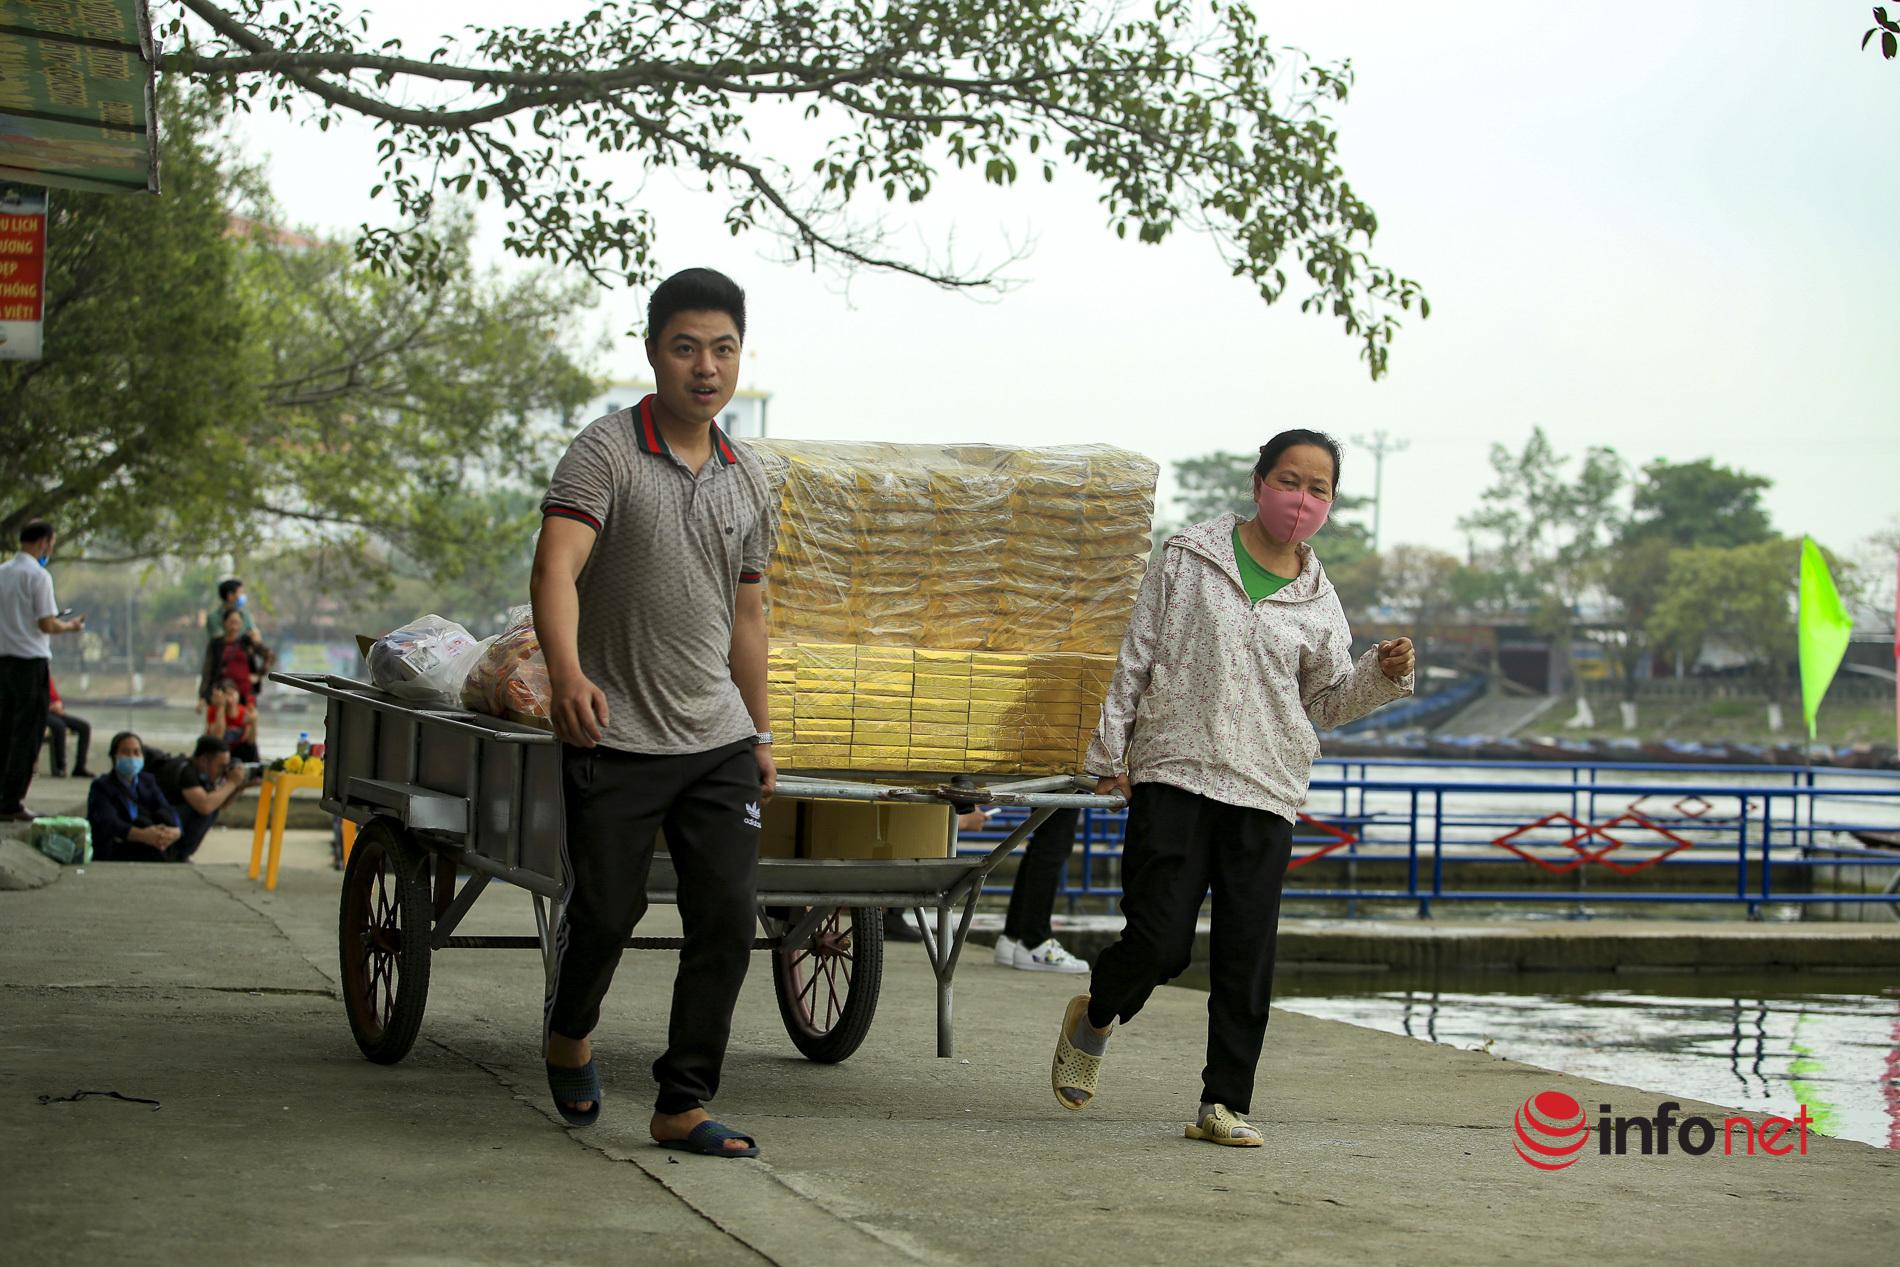 Chùa Hương mở cửa, bến thuyền, nhà hàng náo nức chờ khách